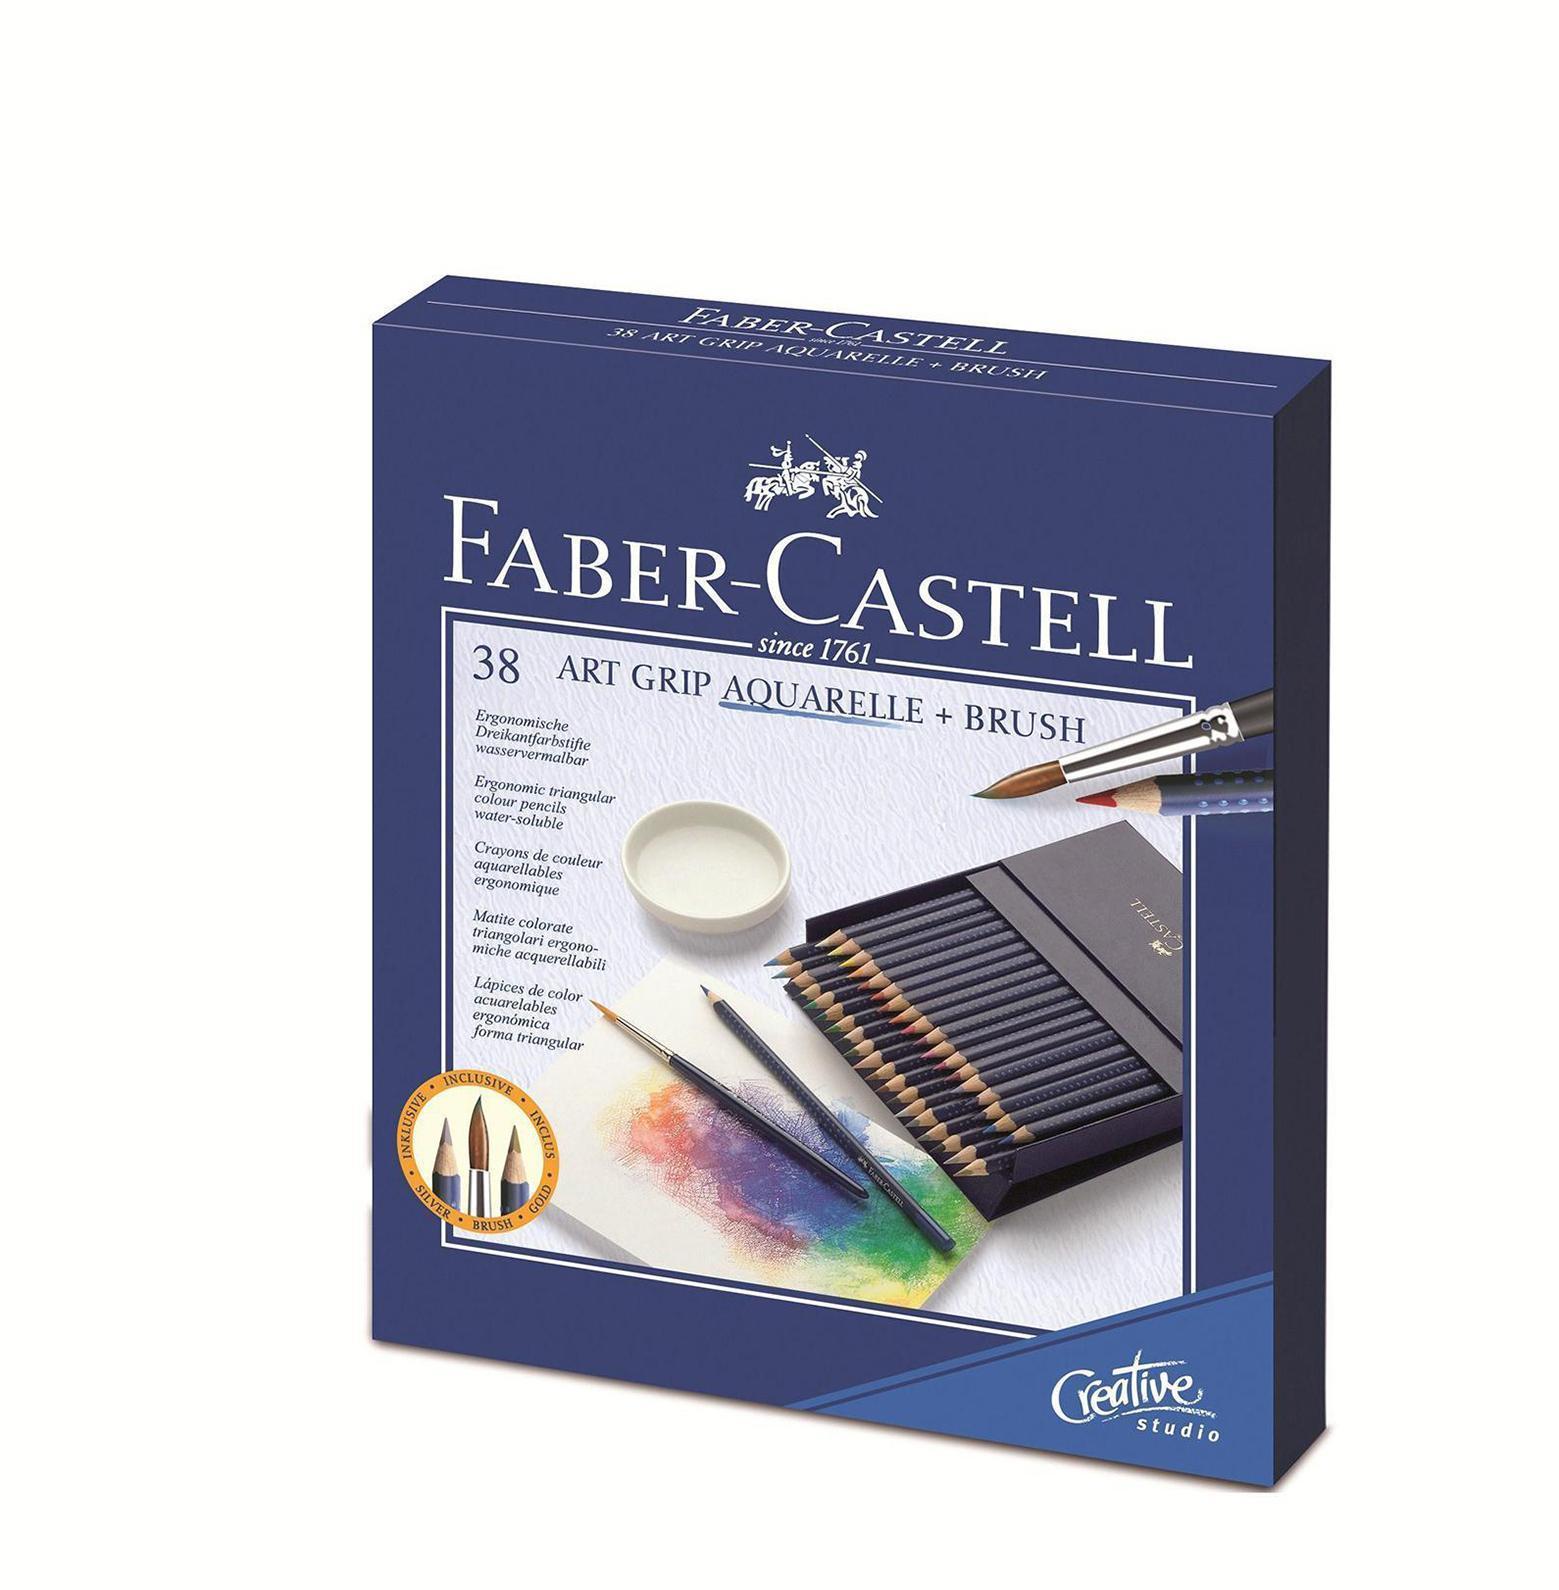 Акварельные карандаши ART GRIP AQUARELLE с кисточкой, набор цветов, в студийной (кожзам) коробке , 38 шт.114238Вид карандаша: Акварельный.Материал: дерево.